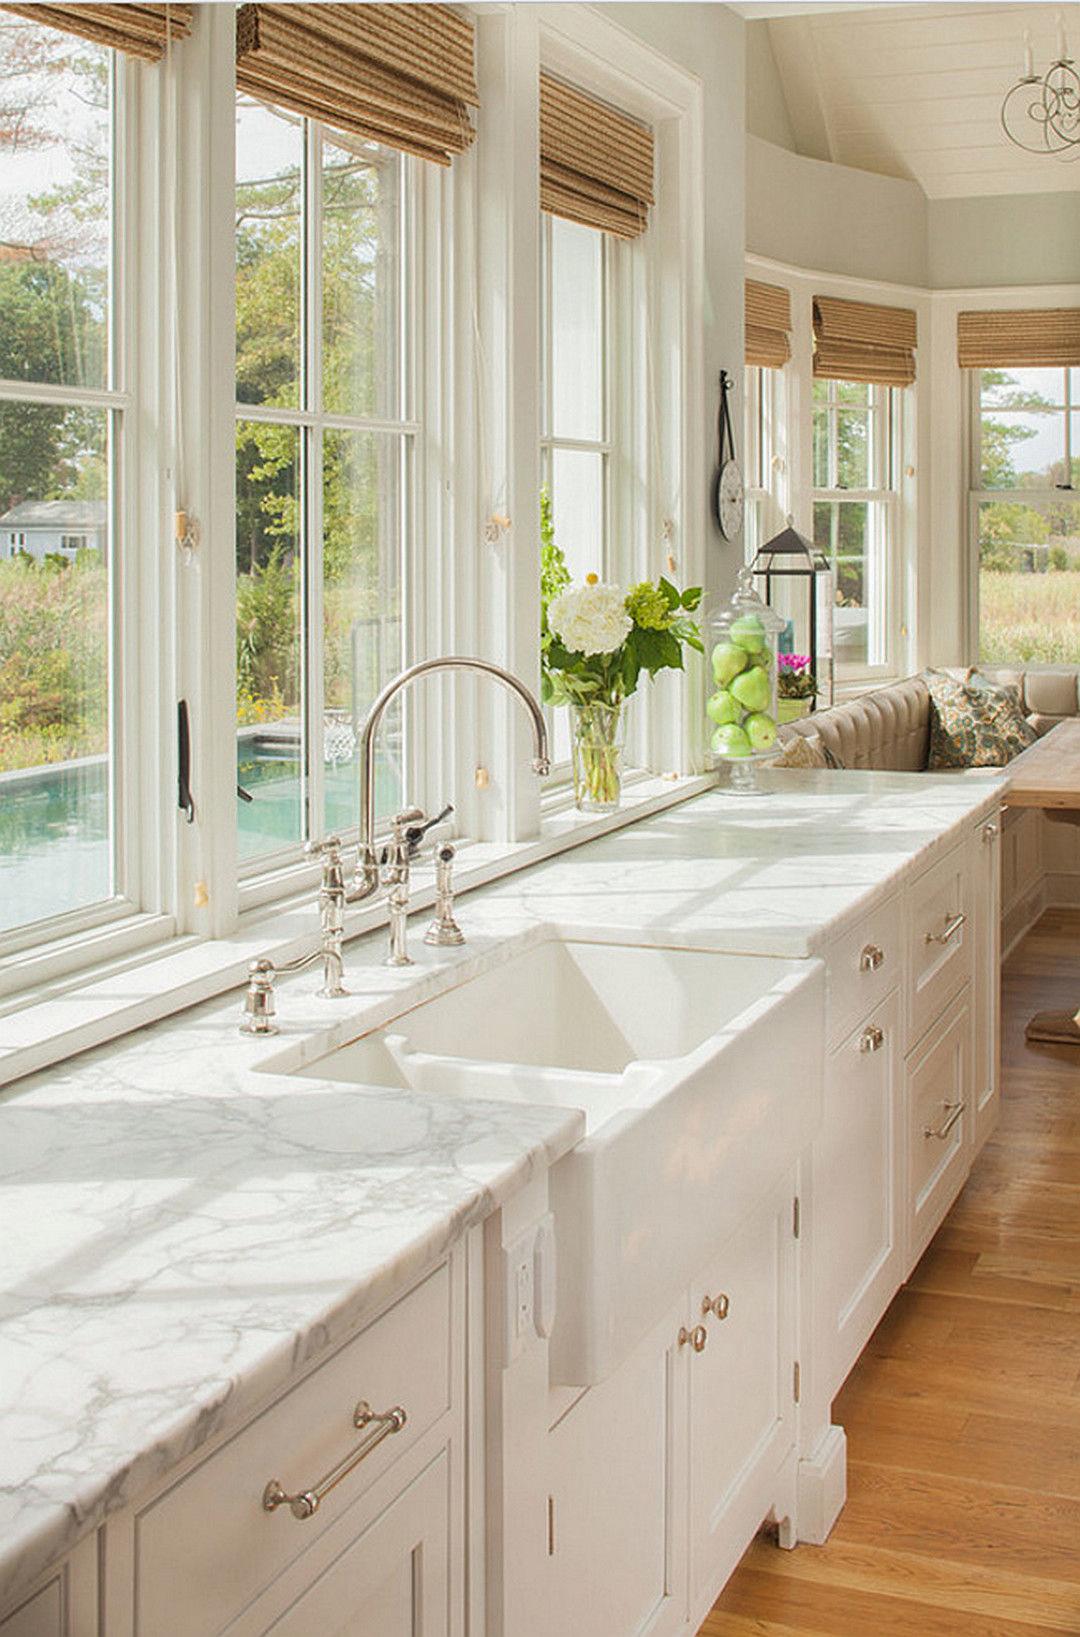 53 Pretty White Kitchen Design Ideas  Https://www.futuristarchitecture.com/17211 White Kitchen.html